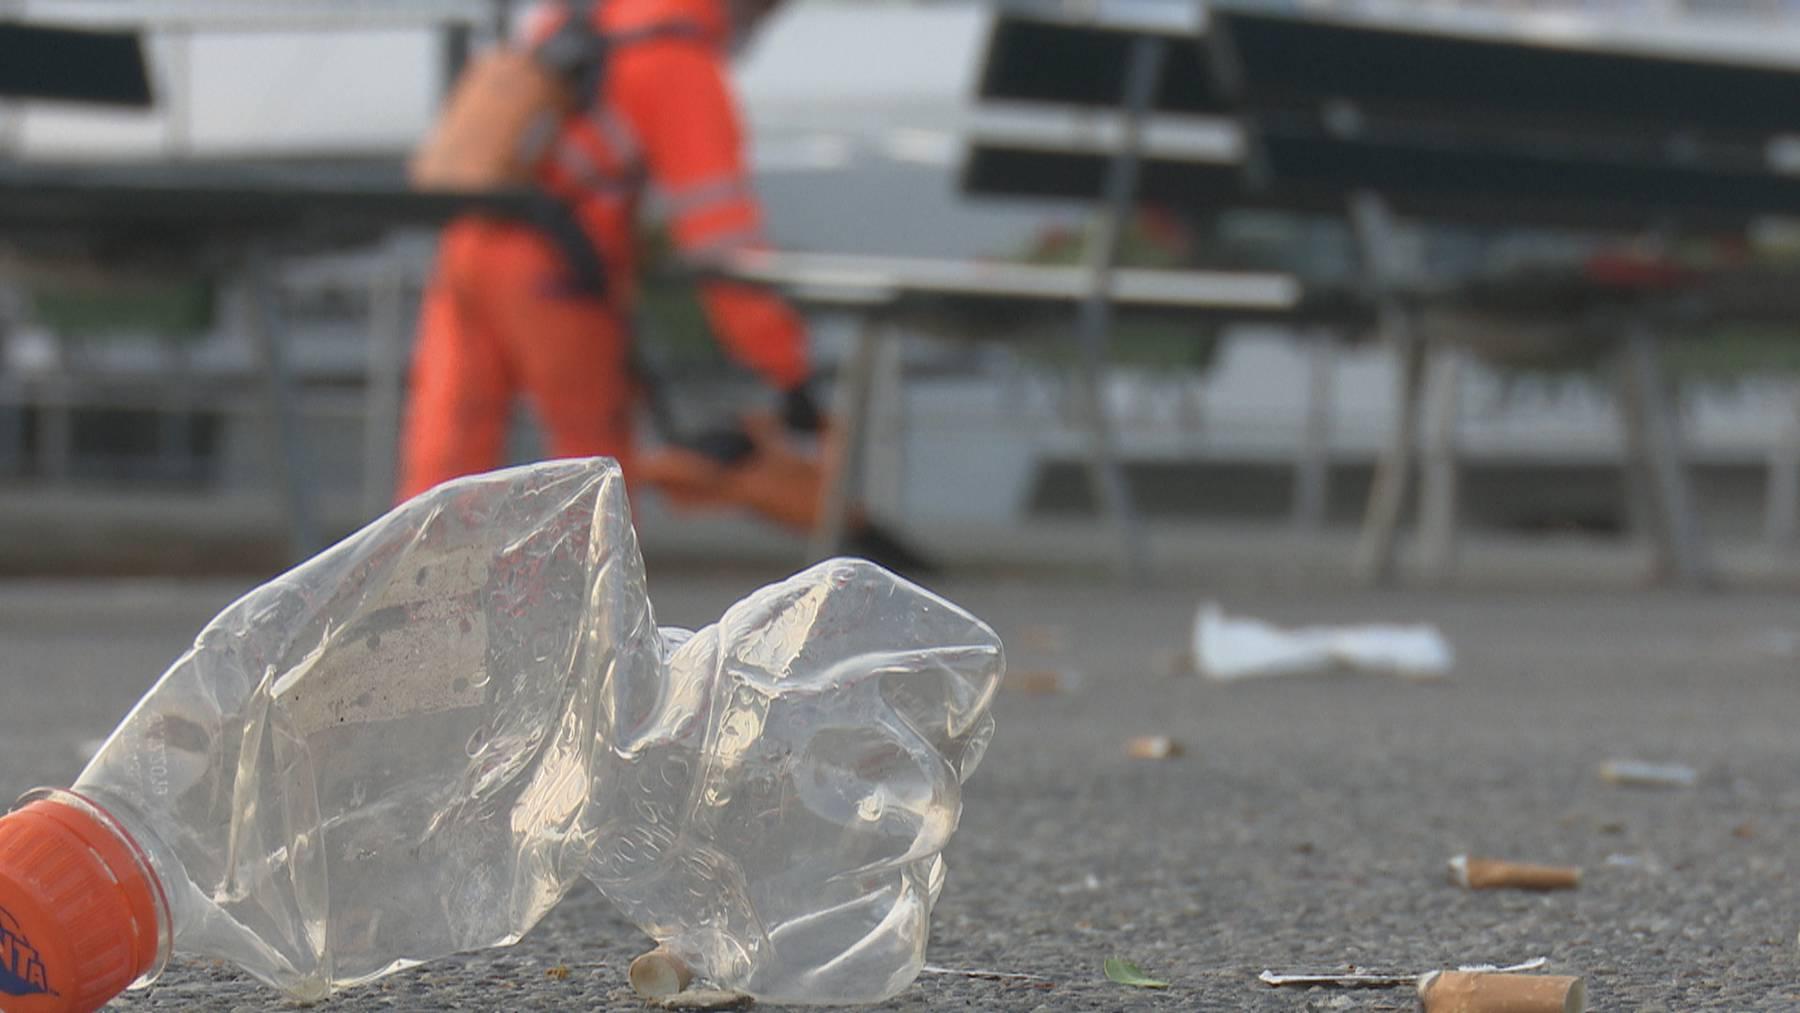 Luzern soll Kunststoff-Abfälle wiederverwerten